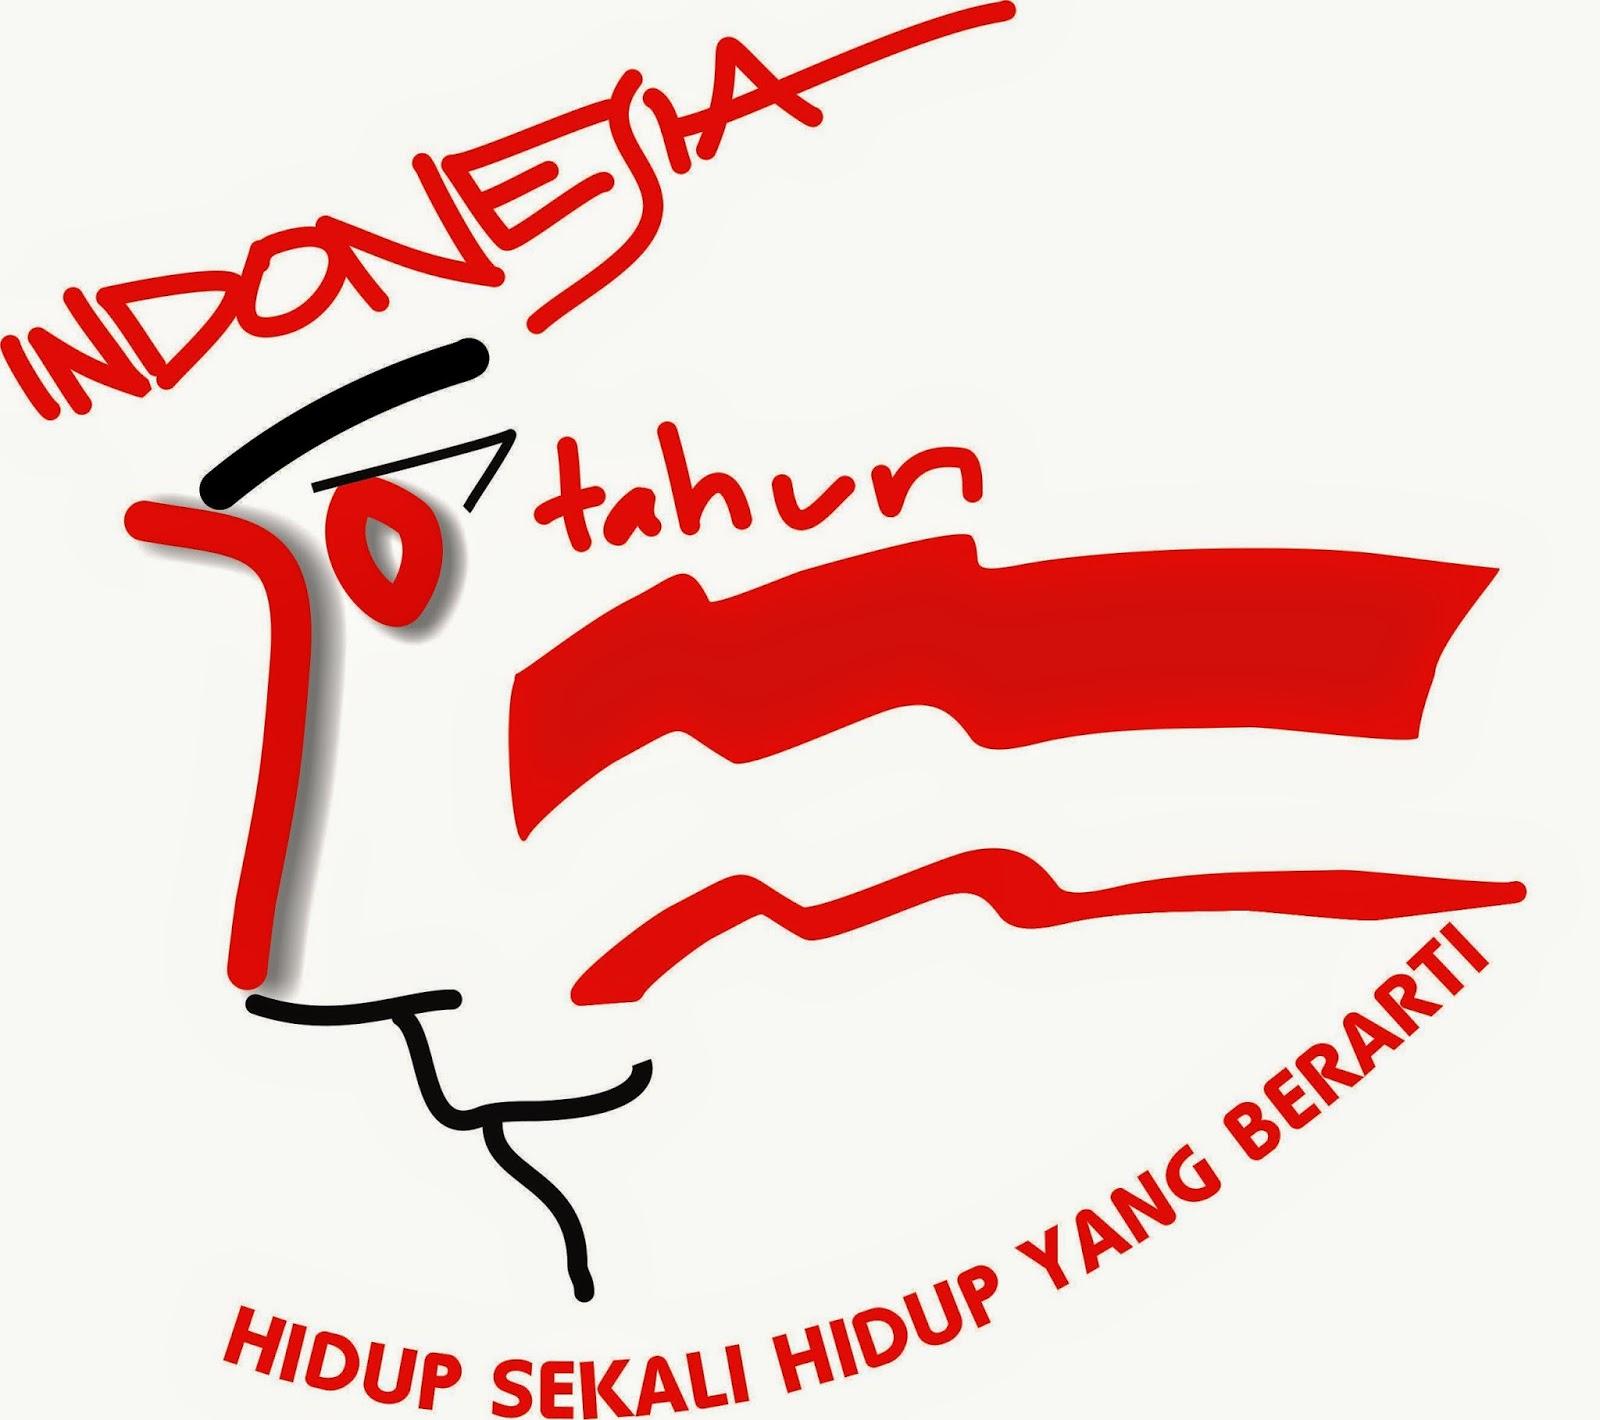 LOGO 70 TAHUN INDONESIA MERDEKA oleh Susetyo Basuki 09 april 2015